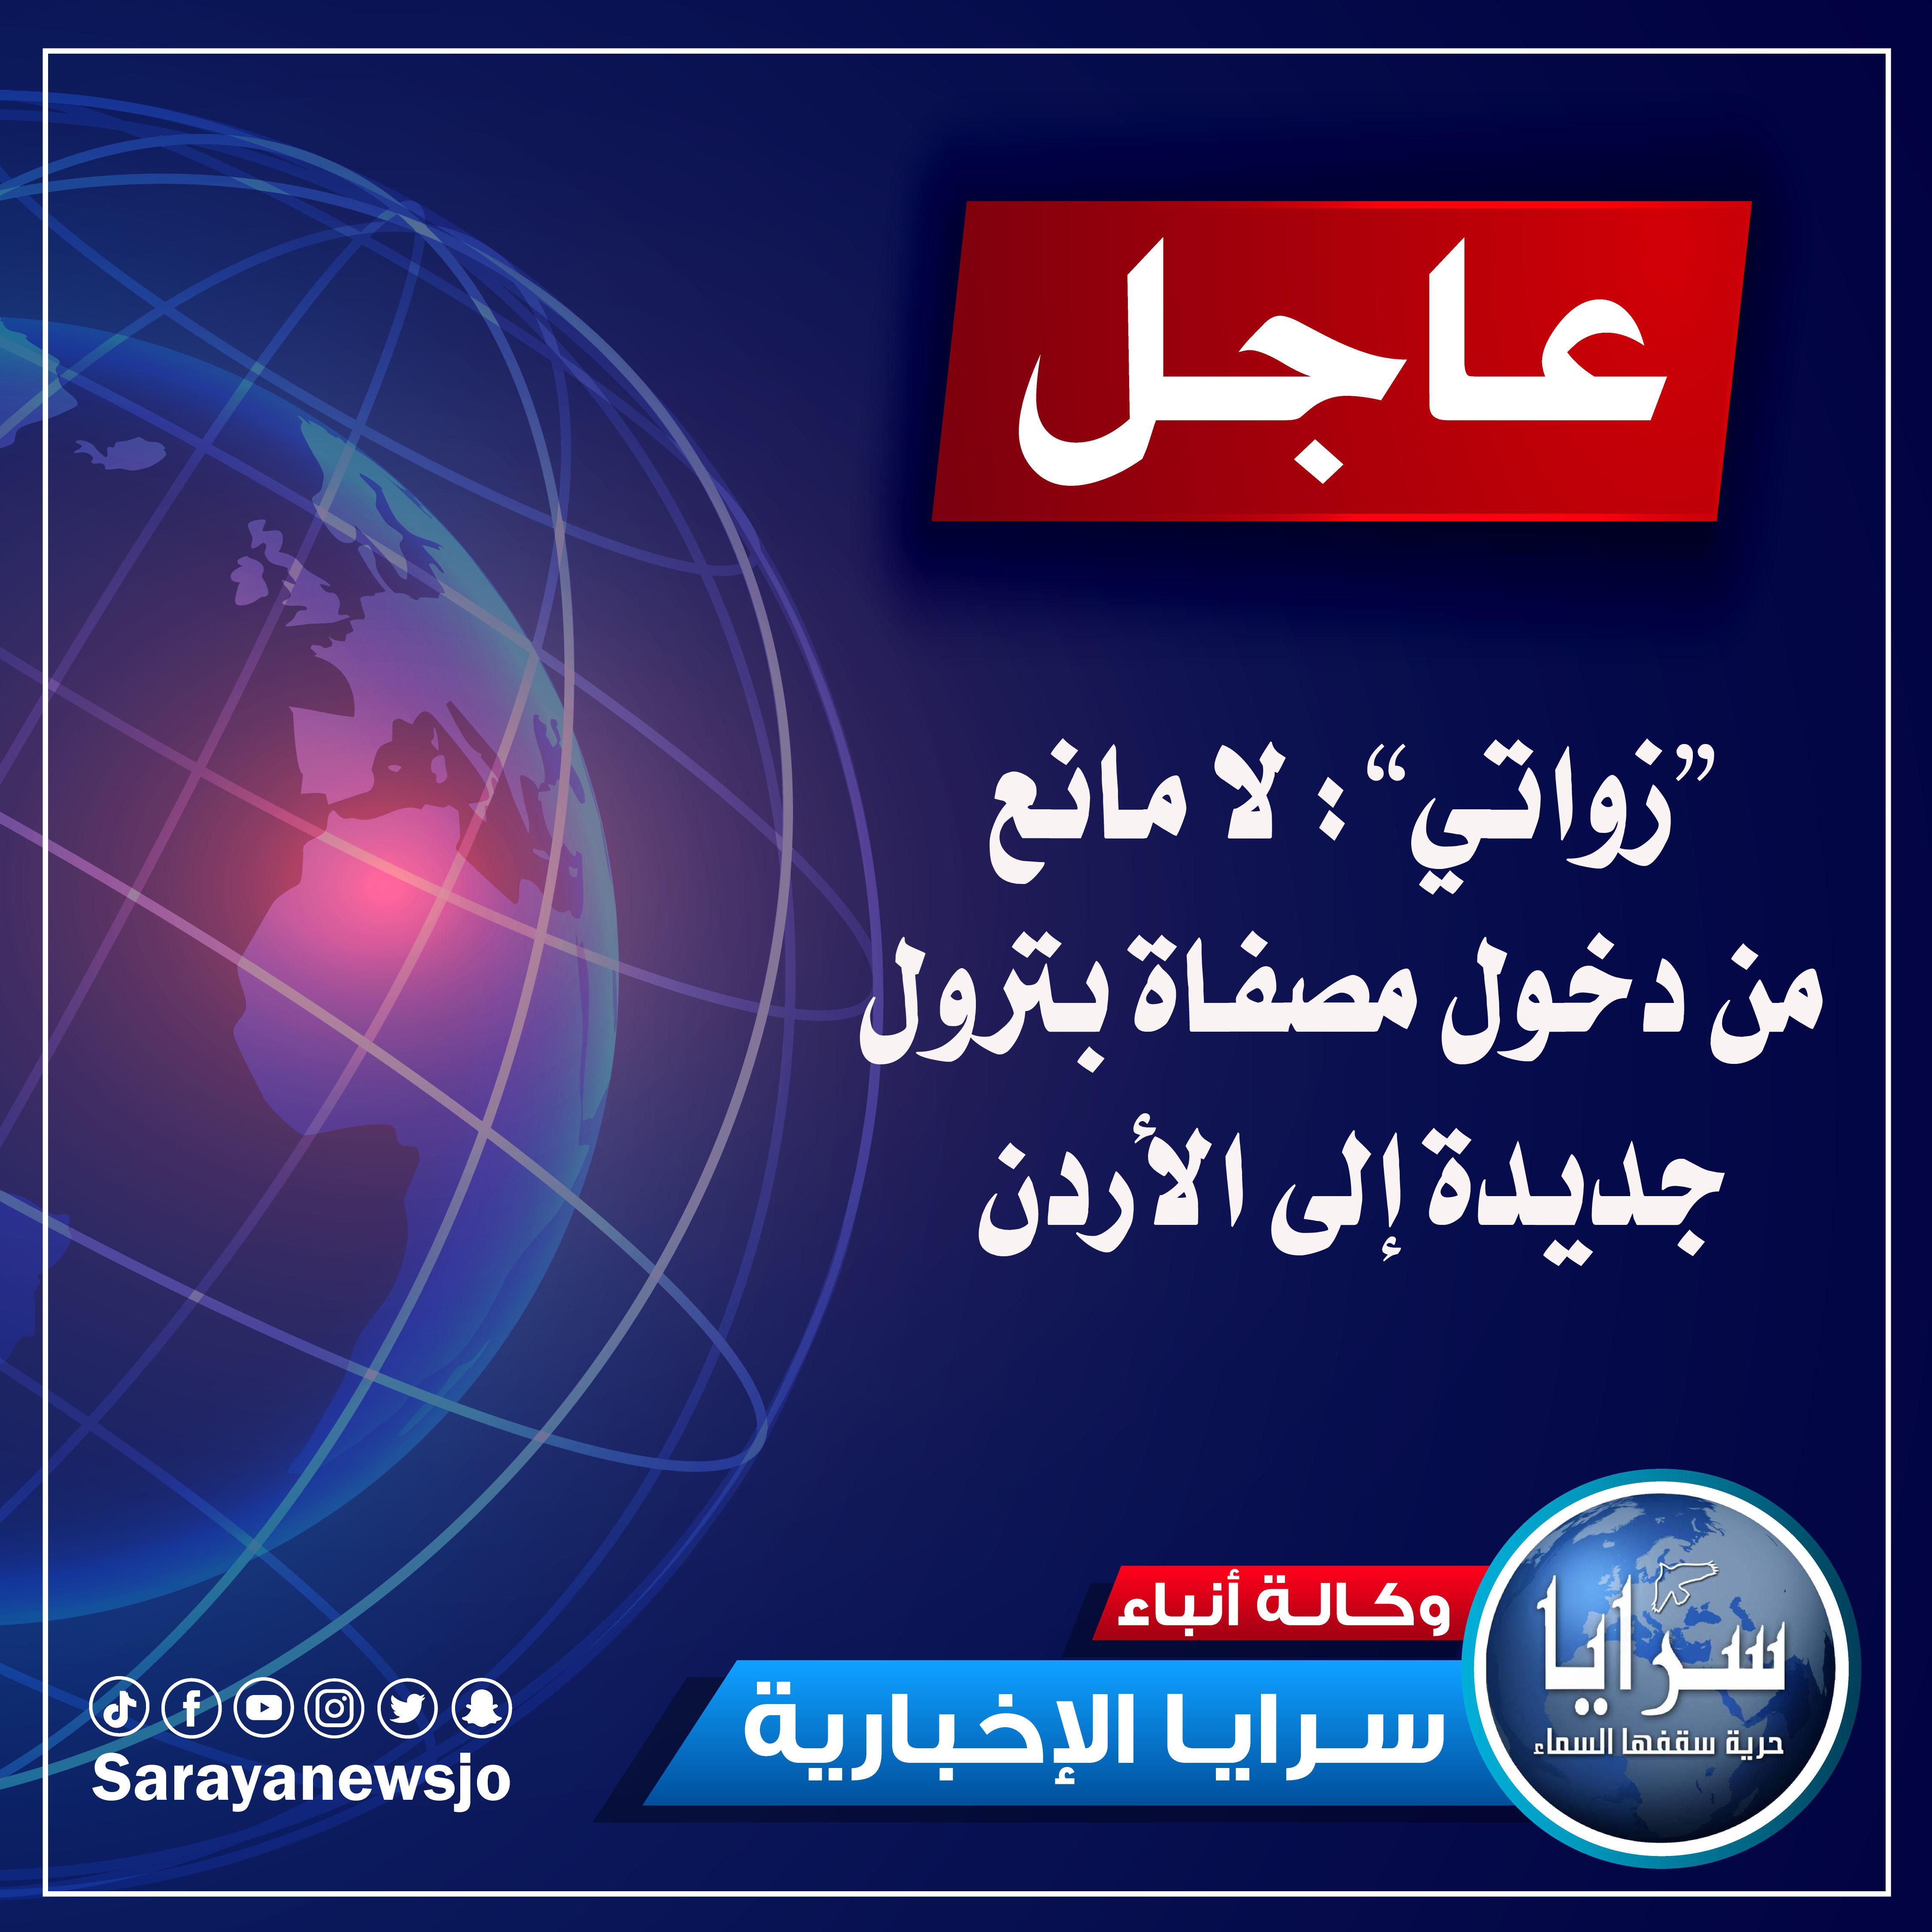 زواتي: لا مانع من دخول مصفاة بترول جديدة إلى الأردن